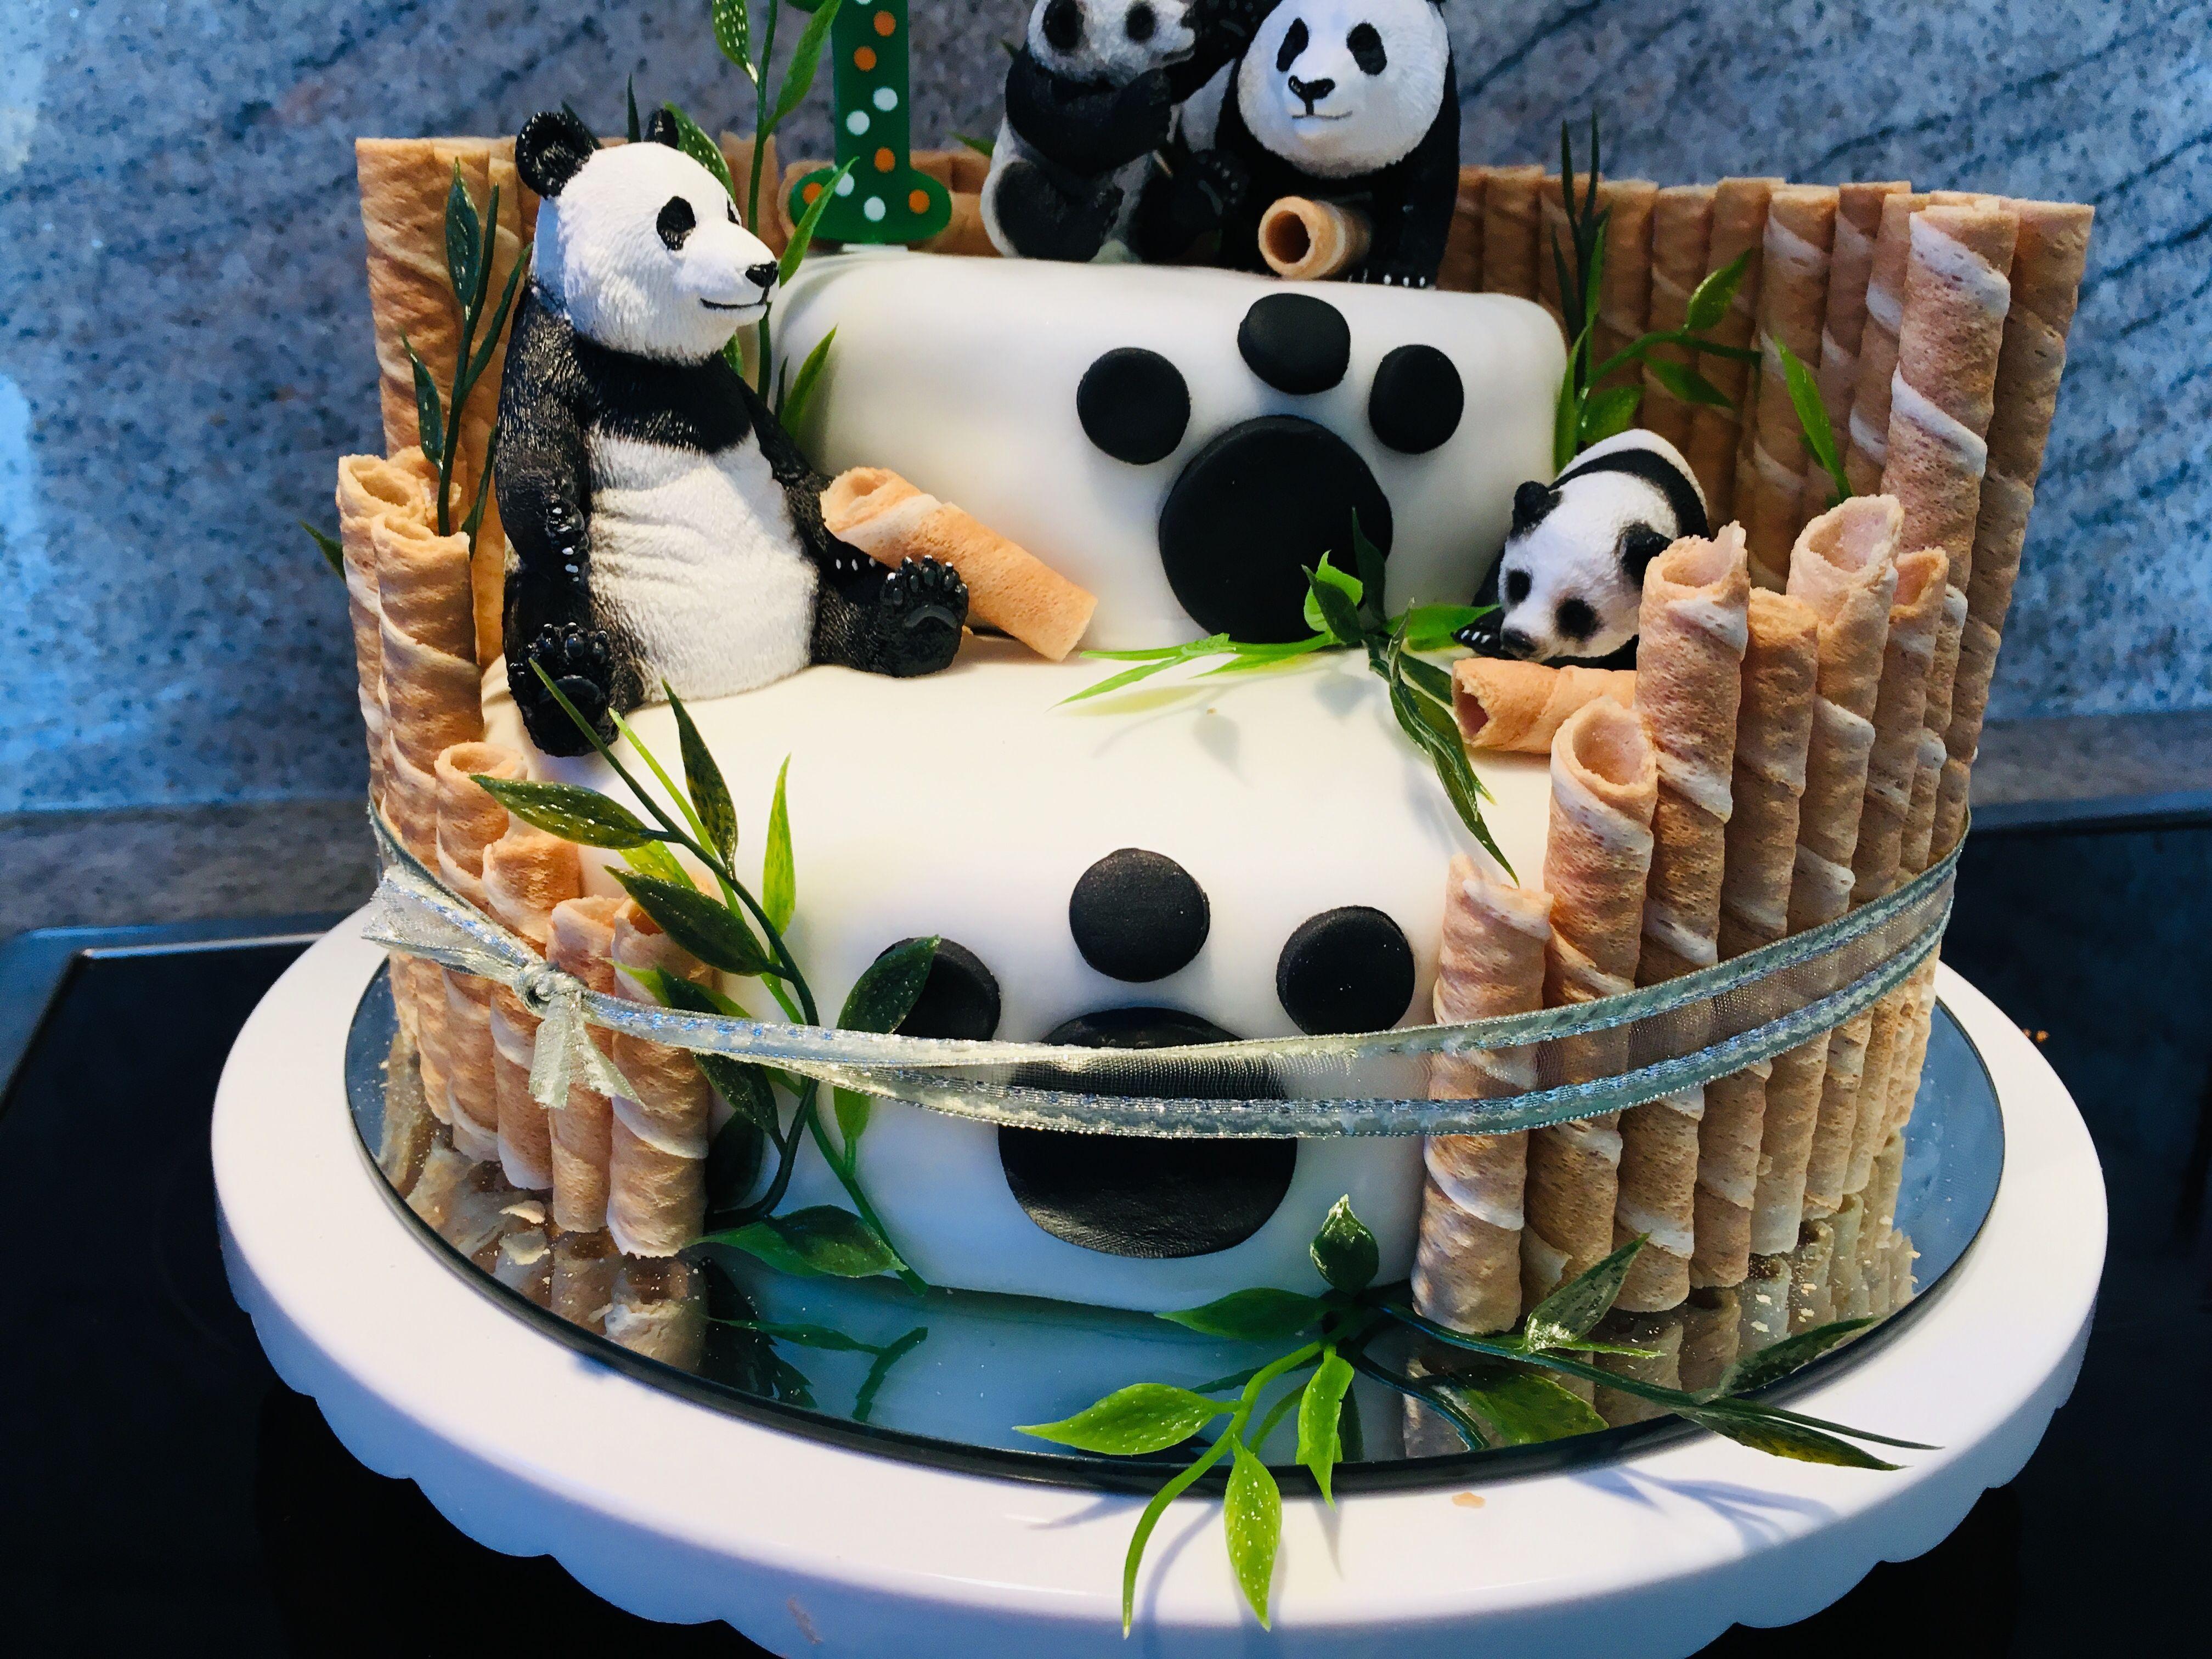 Panda Cake Geburtstagskuchen Kinder Panda Geburtstagstorte Panda Kuchen